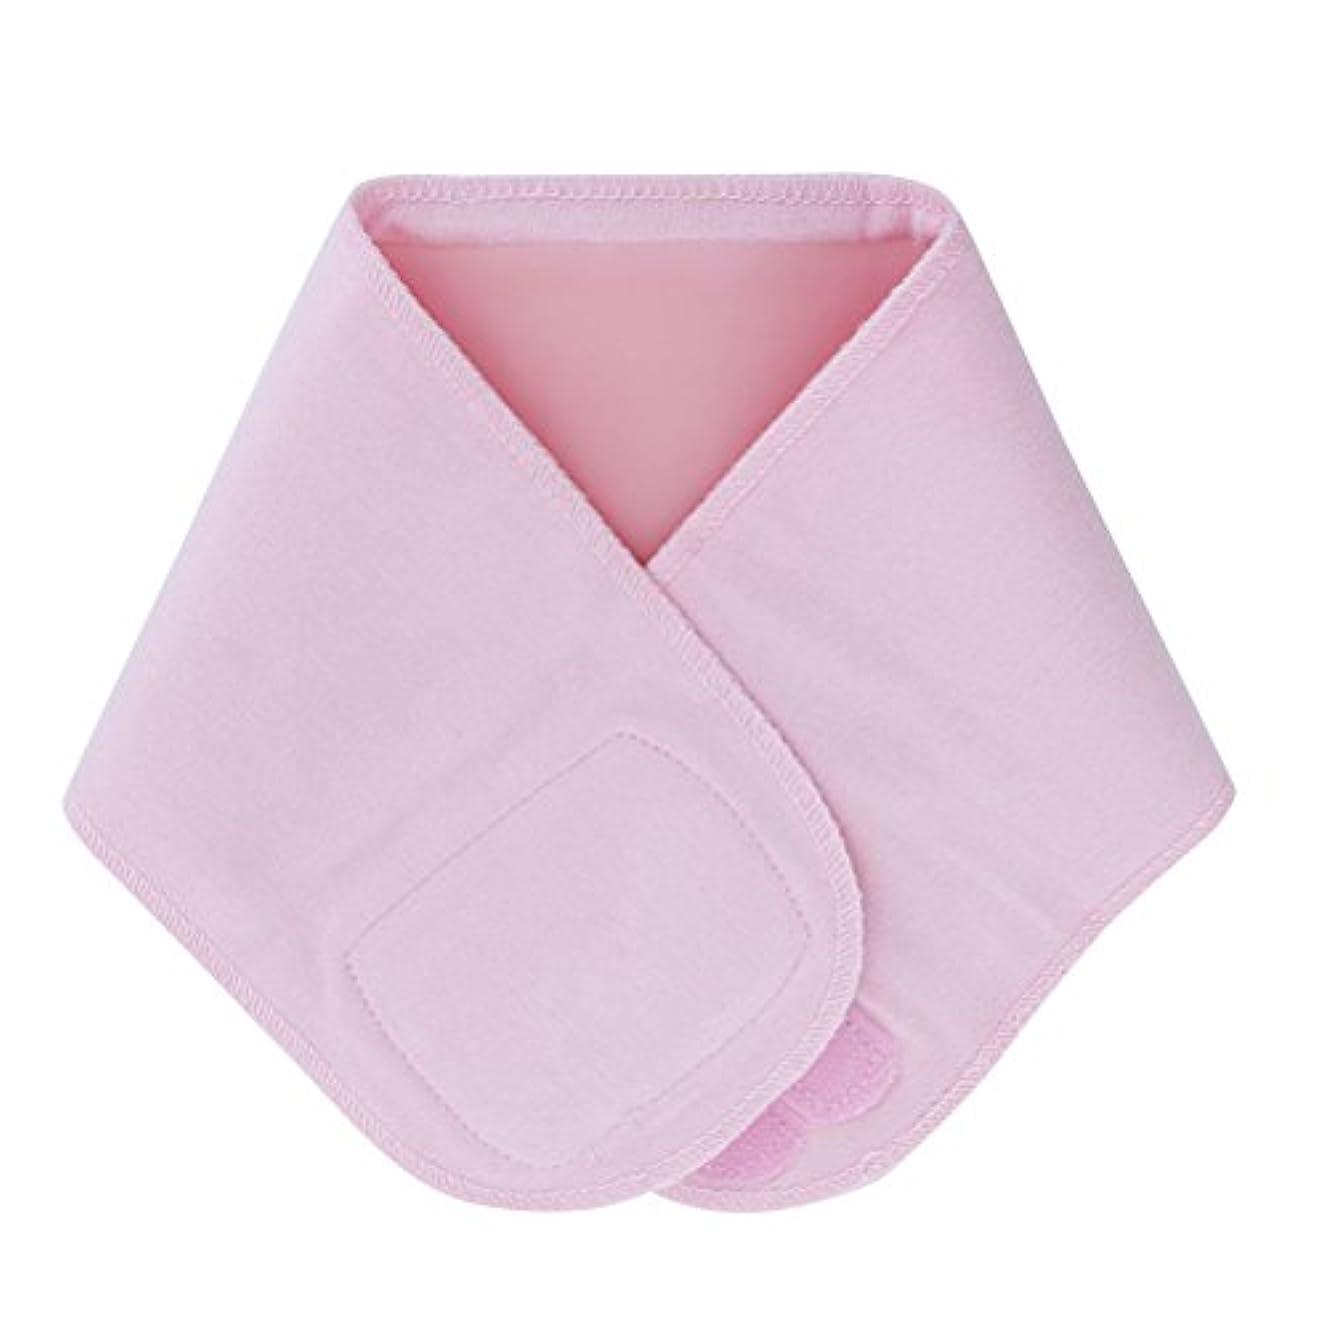 ソケット穴六分儀Lurrose ジェルネックラップ伸縮性保湿スムースホワイトニングネックスキンアンチリンクルカラー(ピンク)